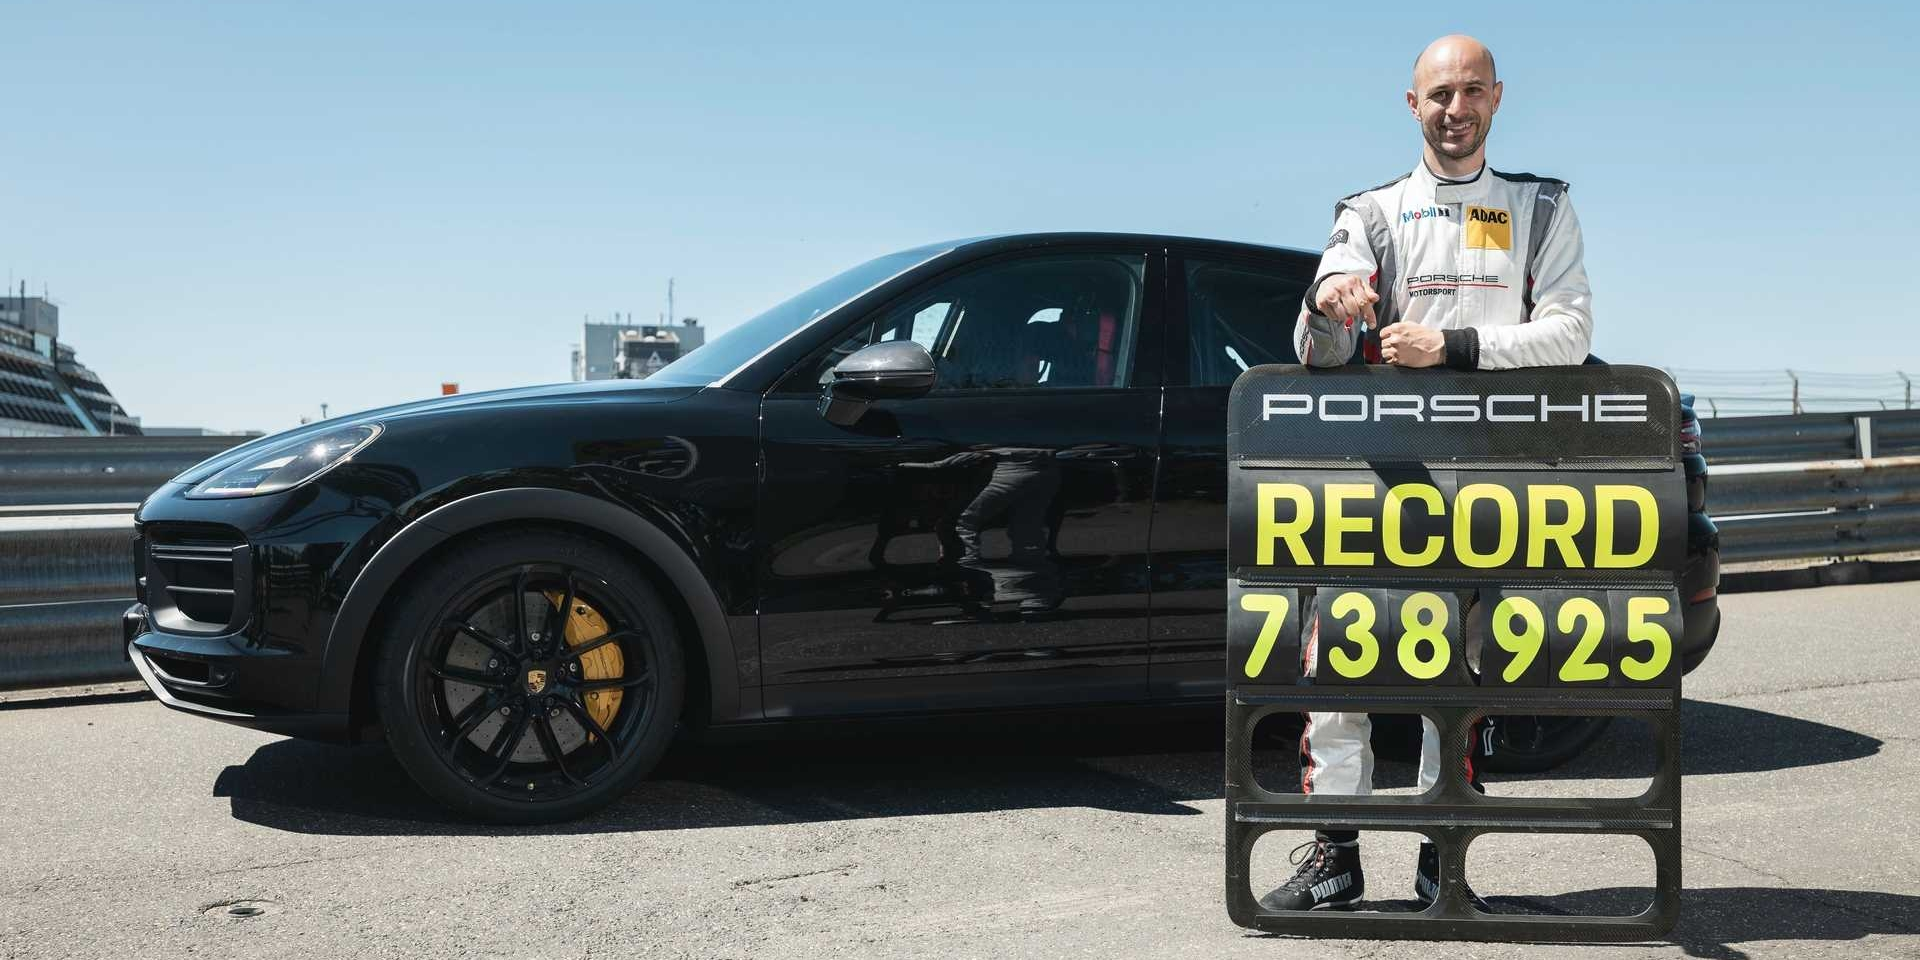 紐伯林最速SUV換人!Porsche Cayenne Coupe新車型寫下7:38.925佳績!